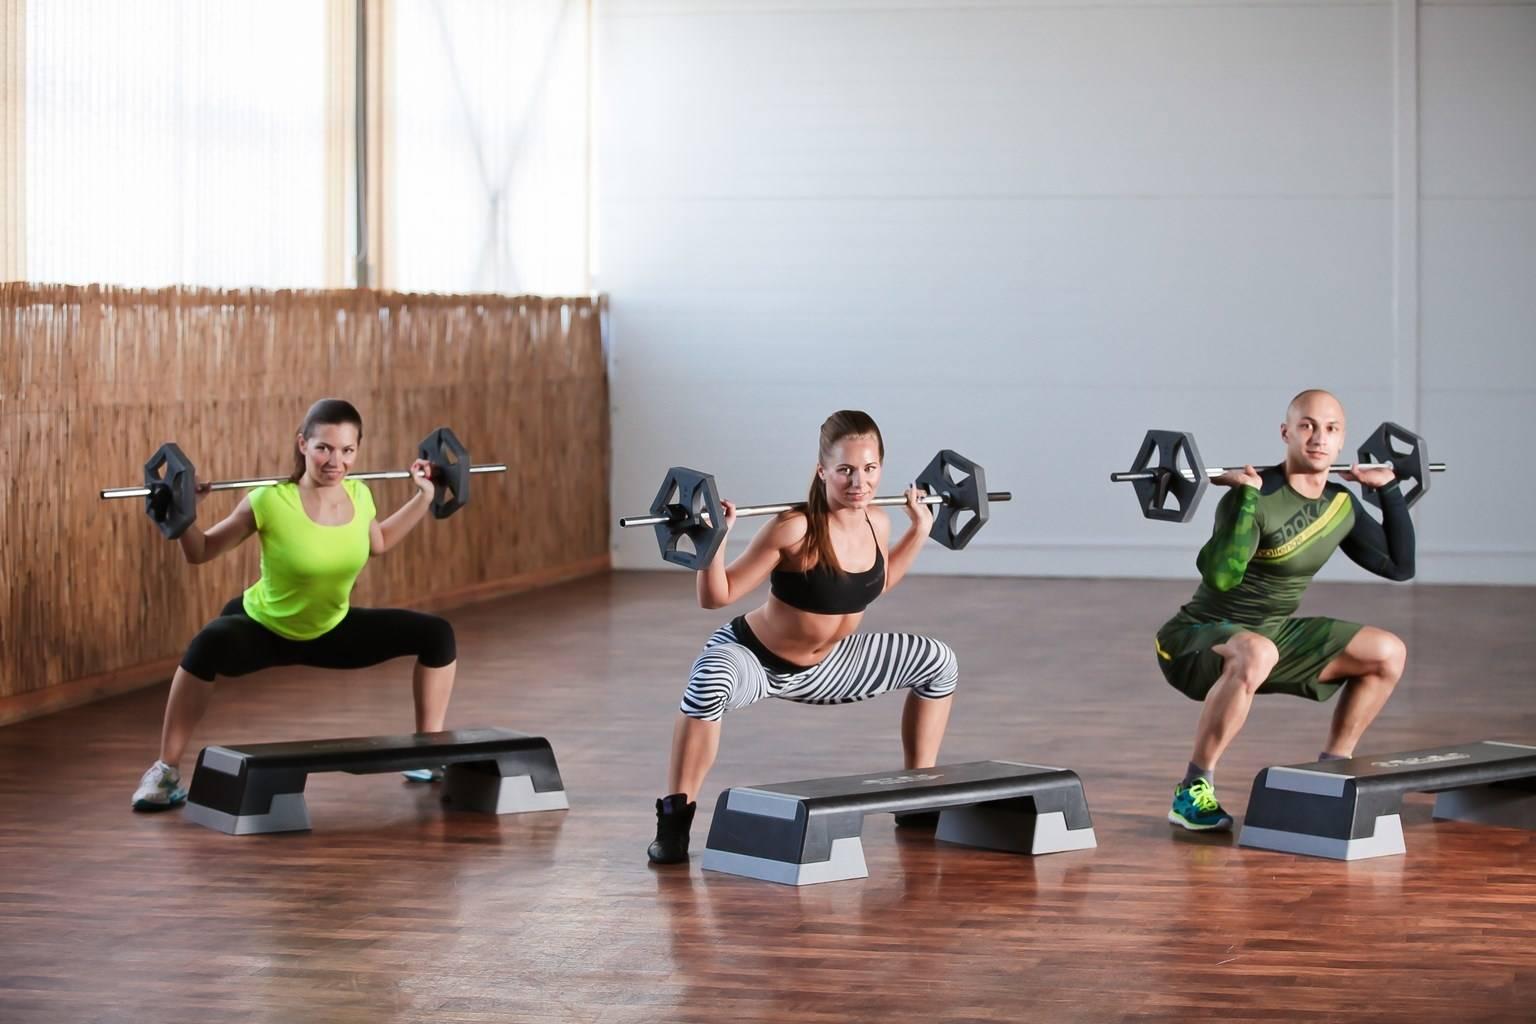 Hot iron тренировка (что это такое в фитнесе) — actionfitness.ru